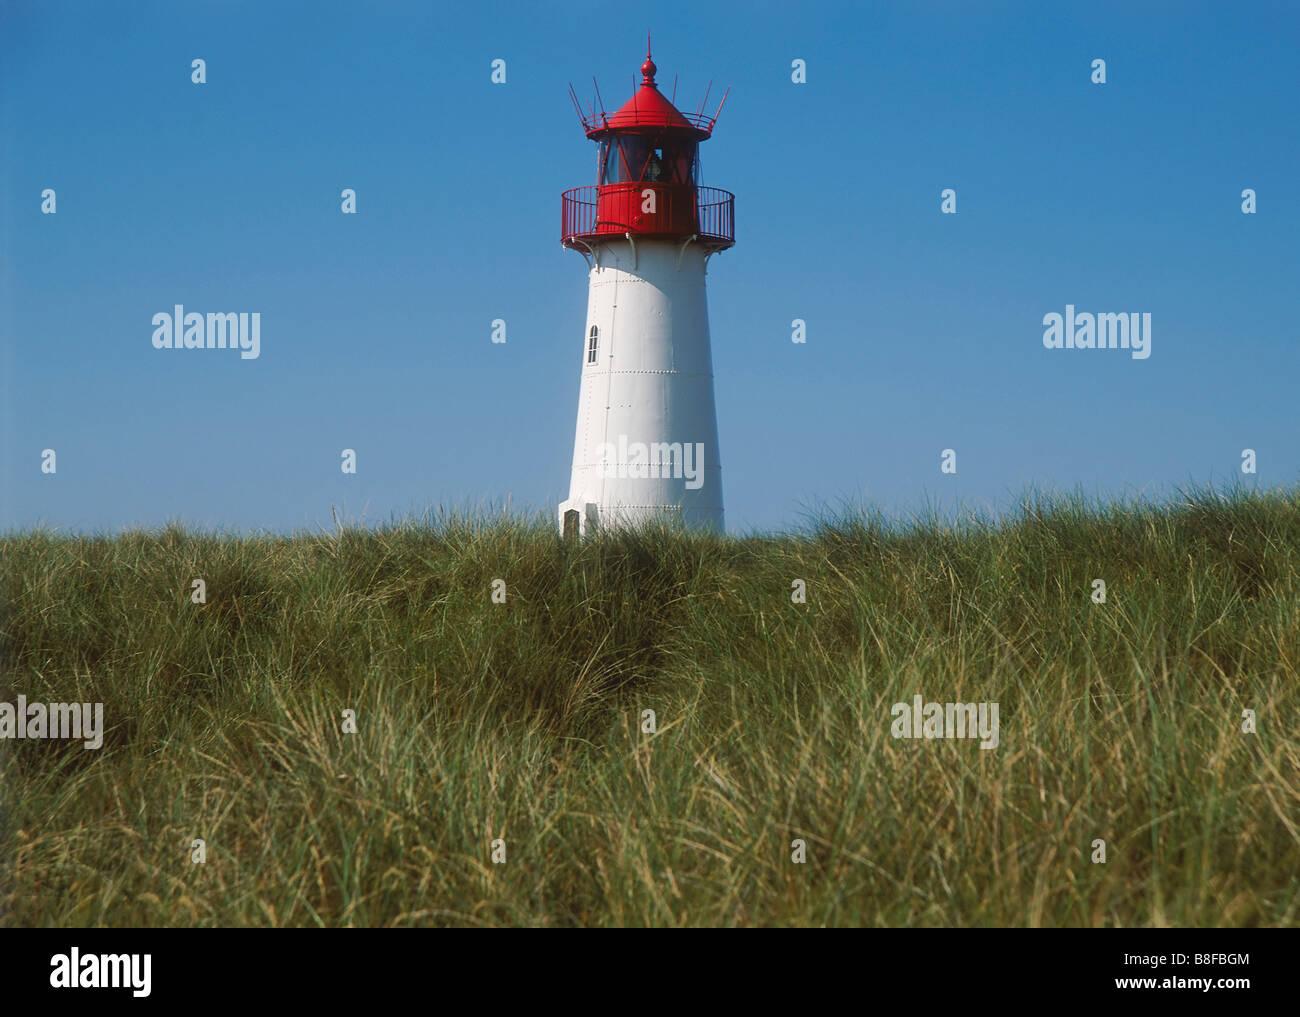 Leuchtturm in der Nähe von Liste, Insel Sylt, Schleswig-Holstein, Deutschland Stockbild